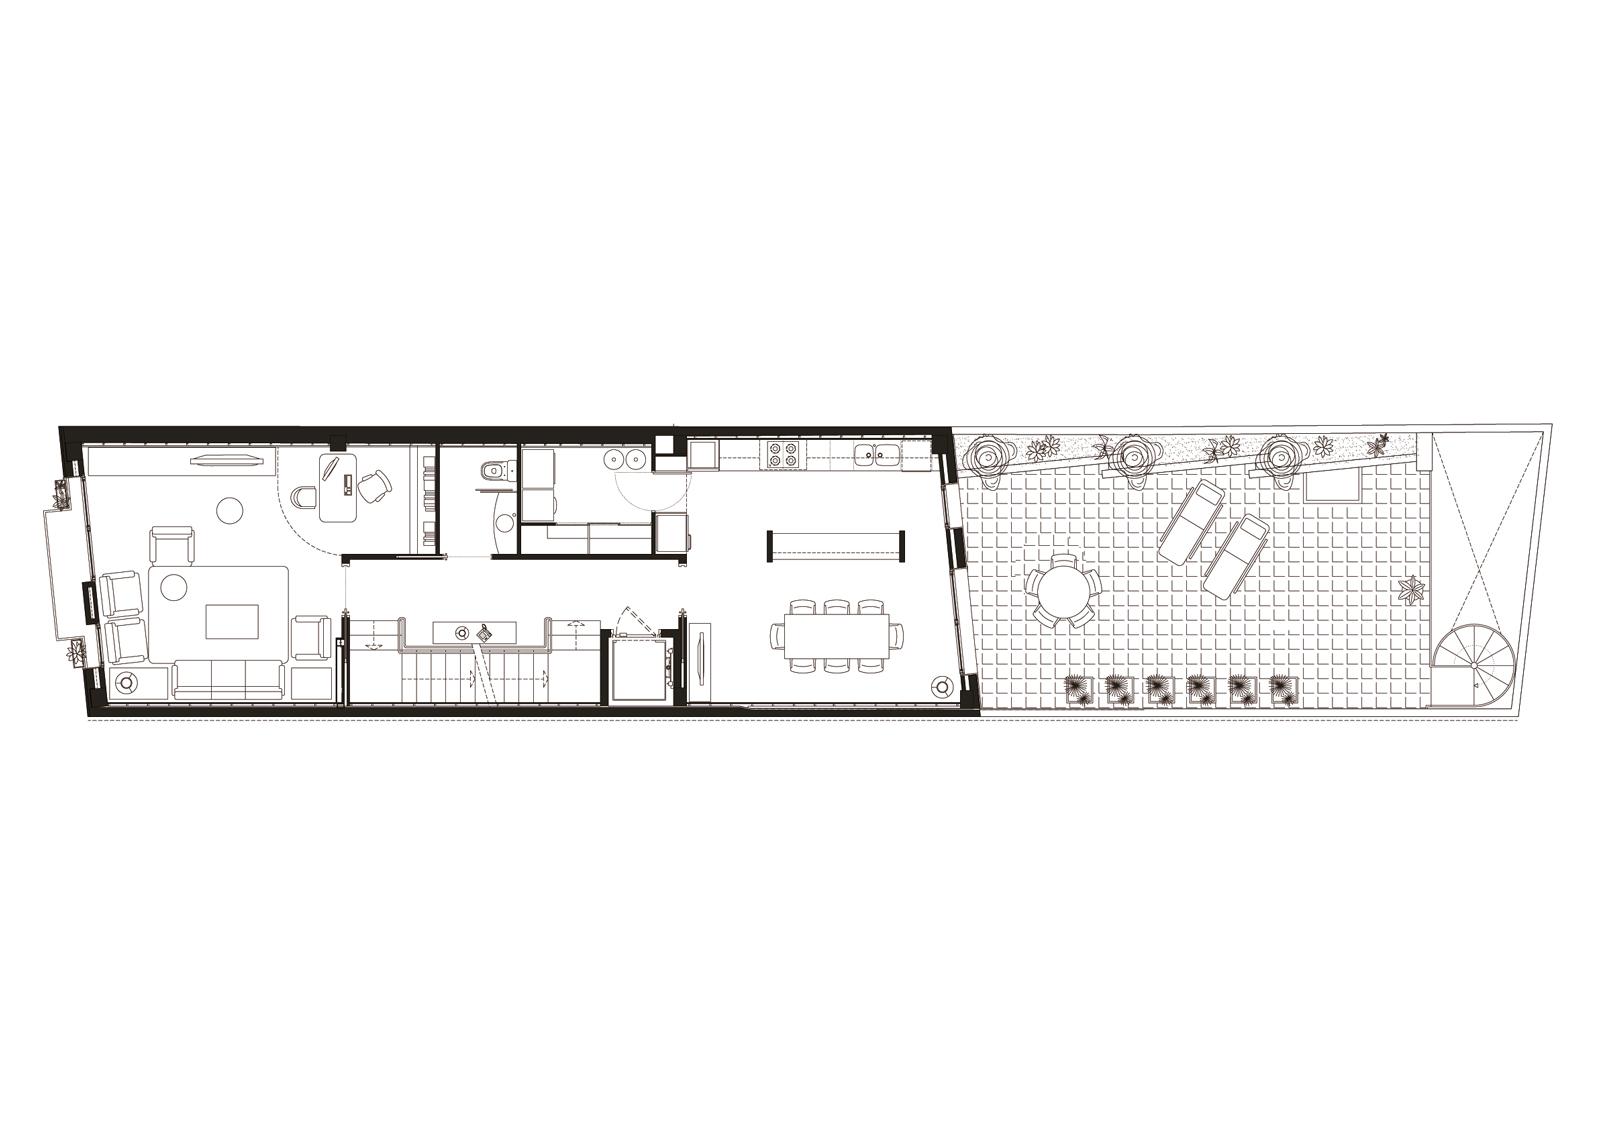 Planta primera. Projecte d'obra nova: 1998 Habitatge unifamiliar entre mitgeres